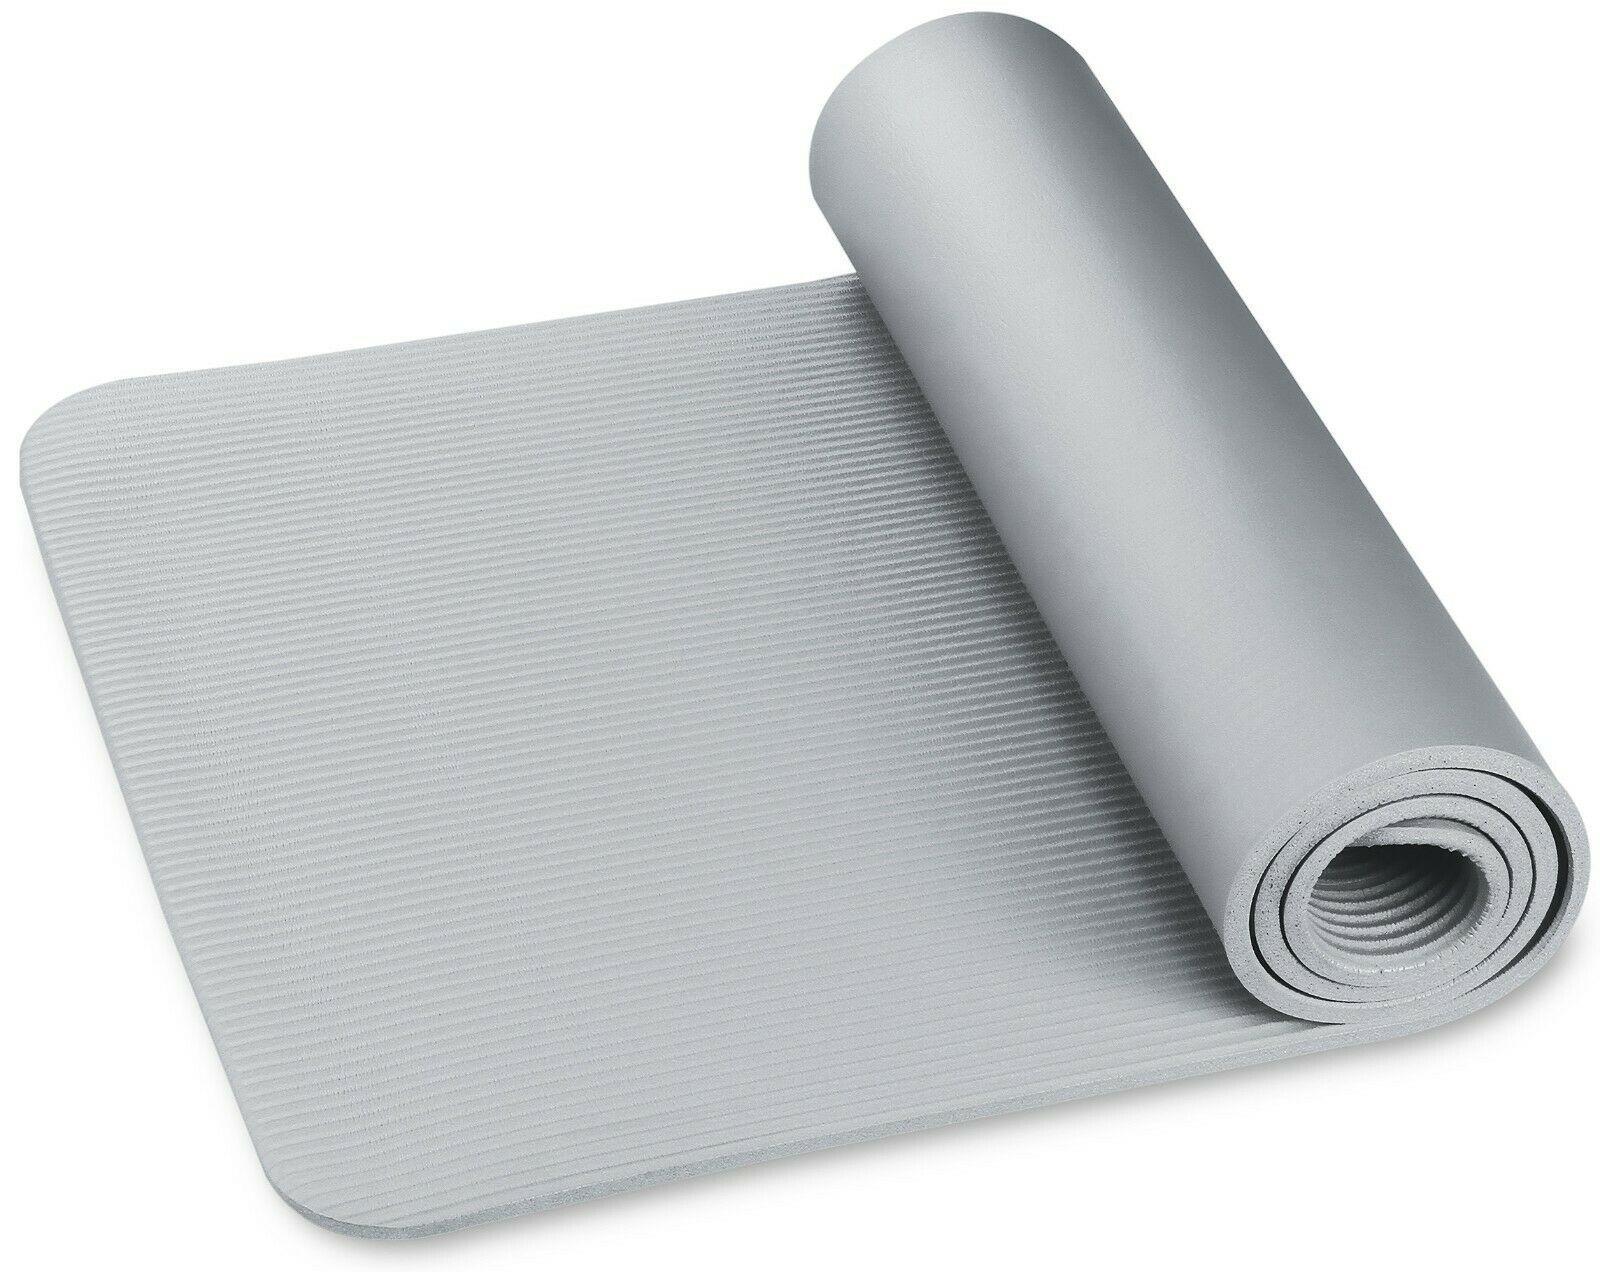 Esterilla de Yoga y Fitness NBR INDIGO 173 * 61 * 1,5 cm Gris